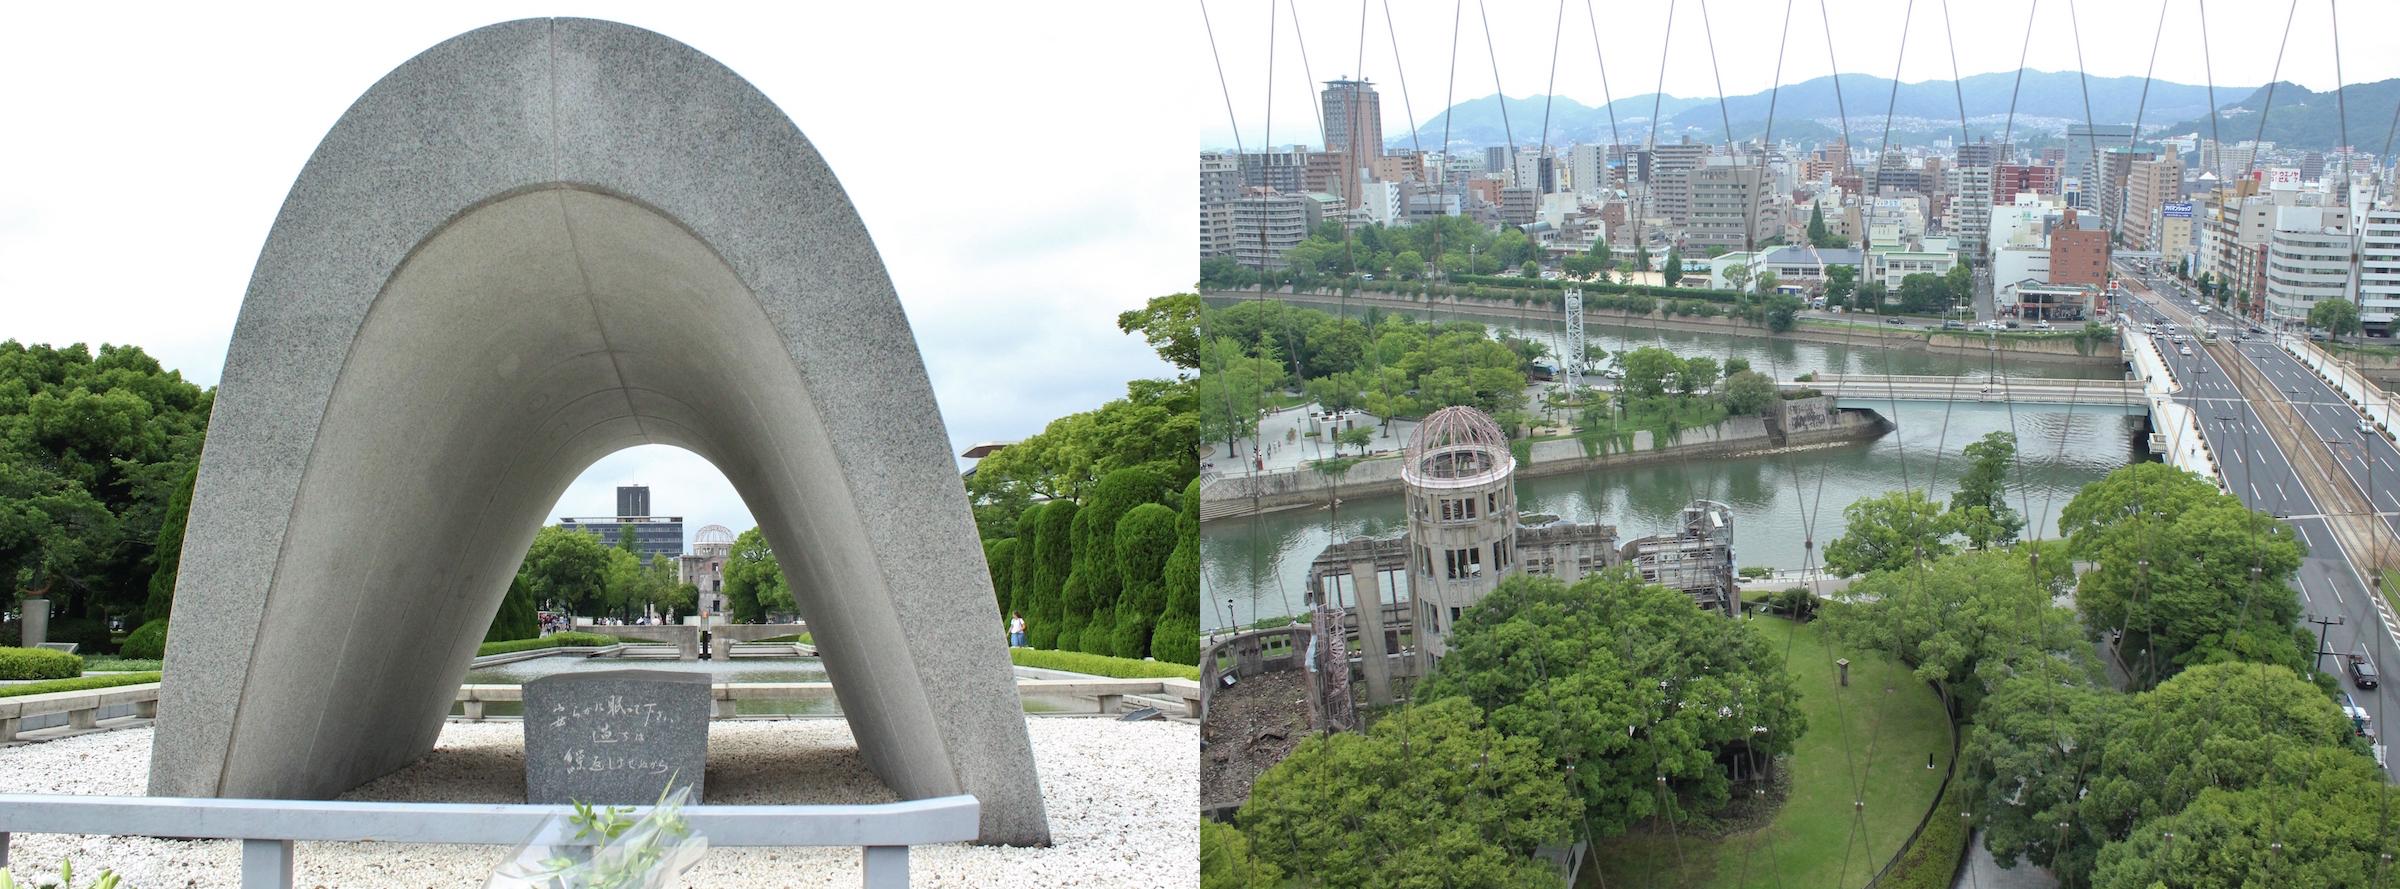 平和公園の中心に立つ原爆死没者慰霊碑。その先にに原爆ドームが見える(左)。7月11日にオープンしたおりづるタワー。最上階からは原爆ドームと投下目標となった相生橋などを俯瞰し、今までとは異なる原爆投下の様子が実感できるようになった